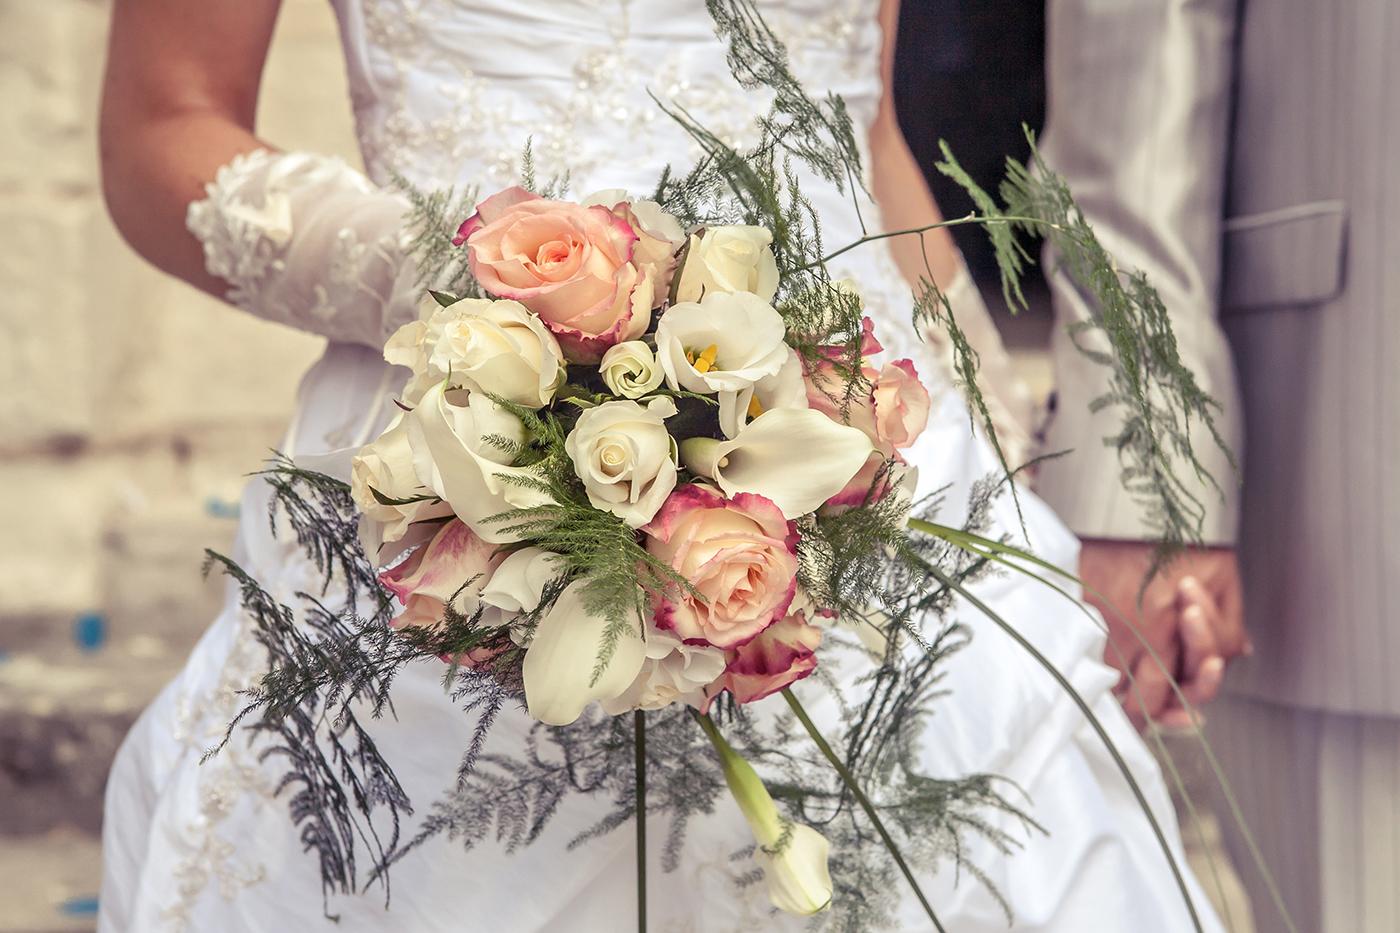 photographe-mariage-engagement-guillaume-heraud-001